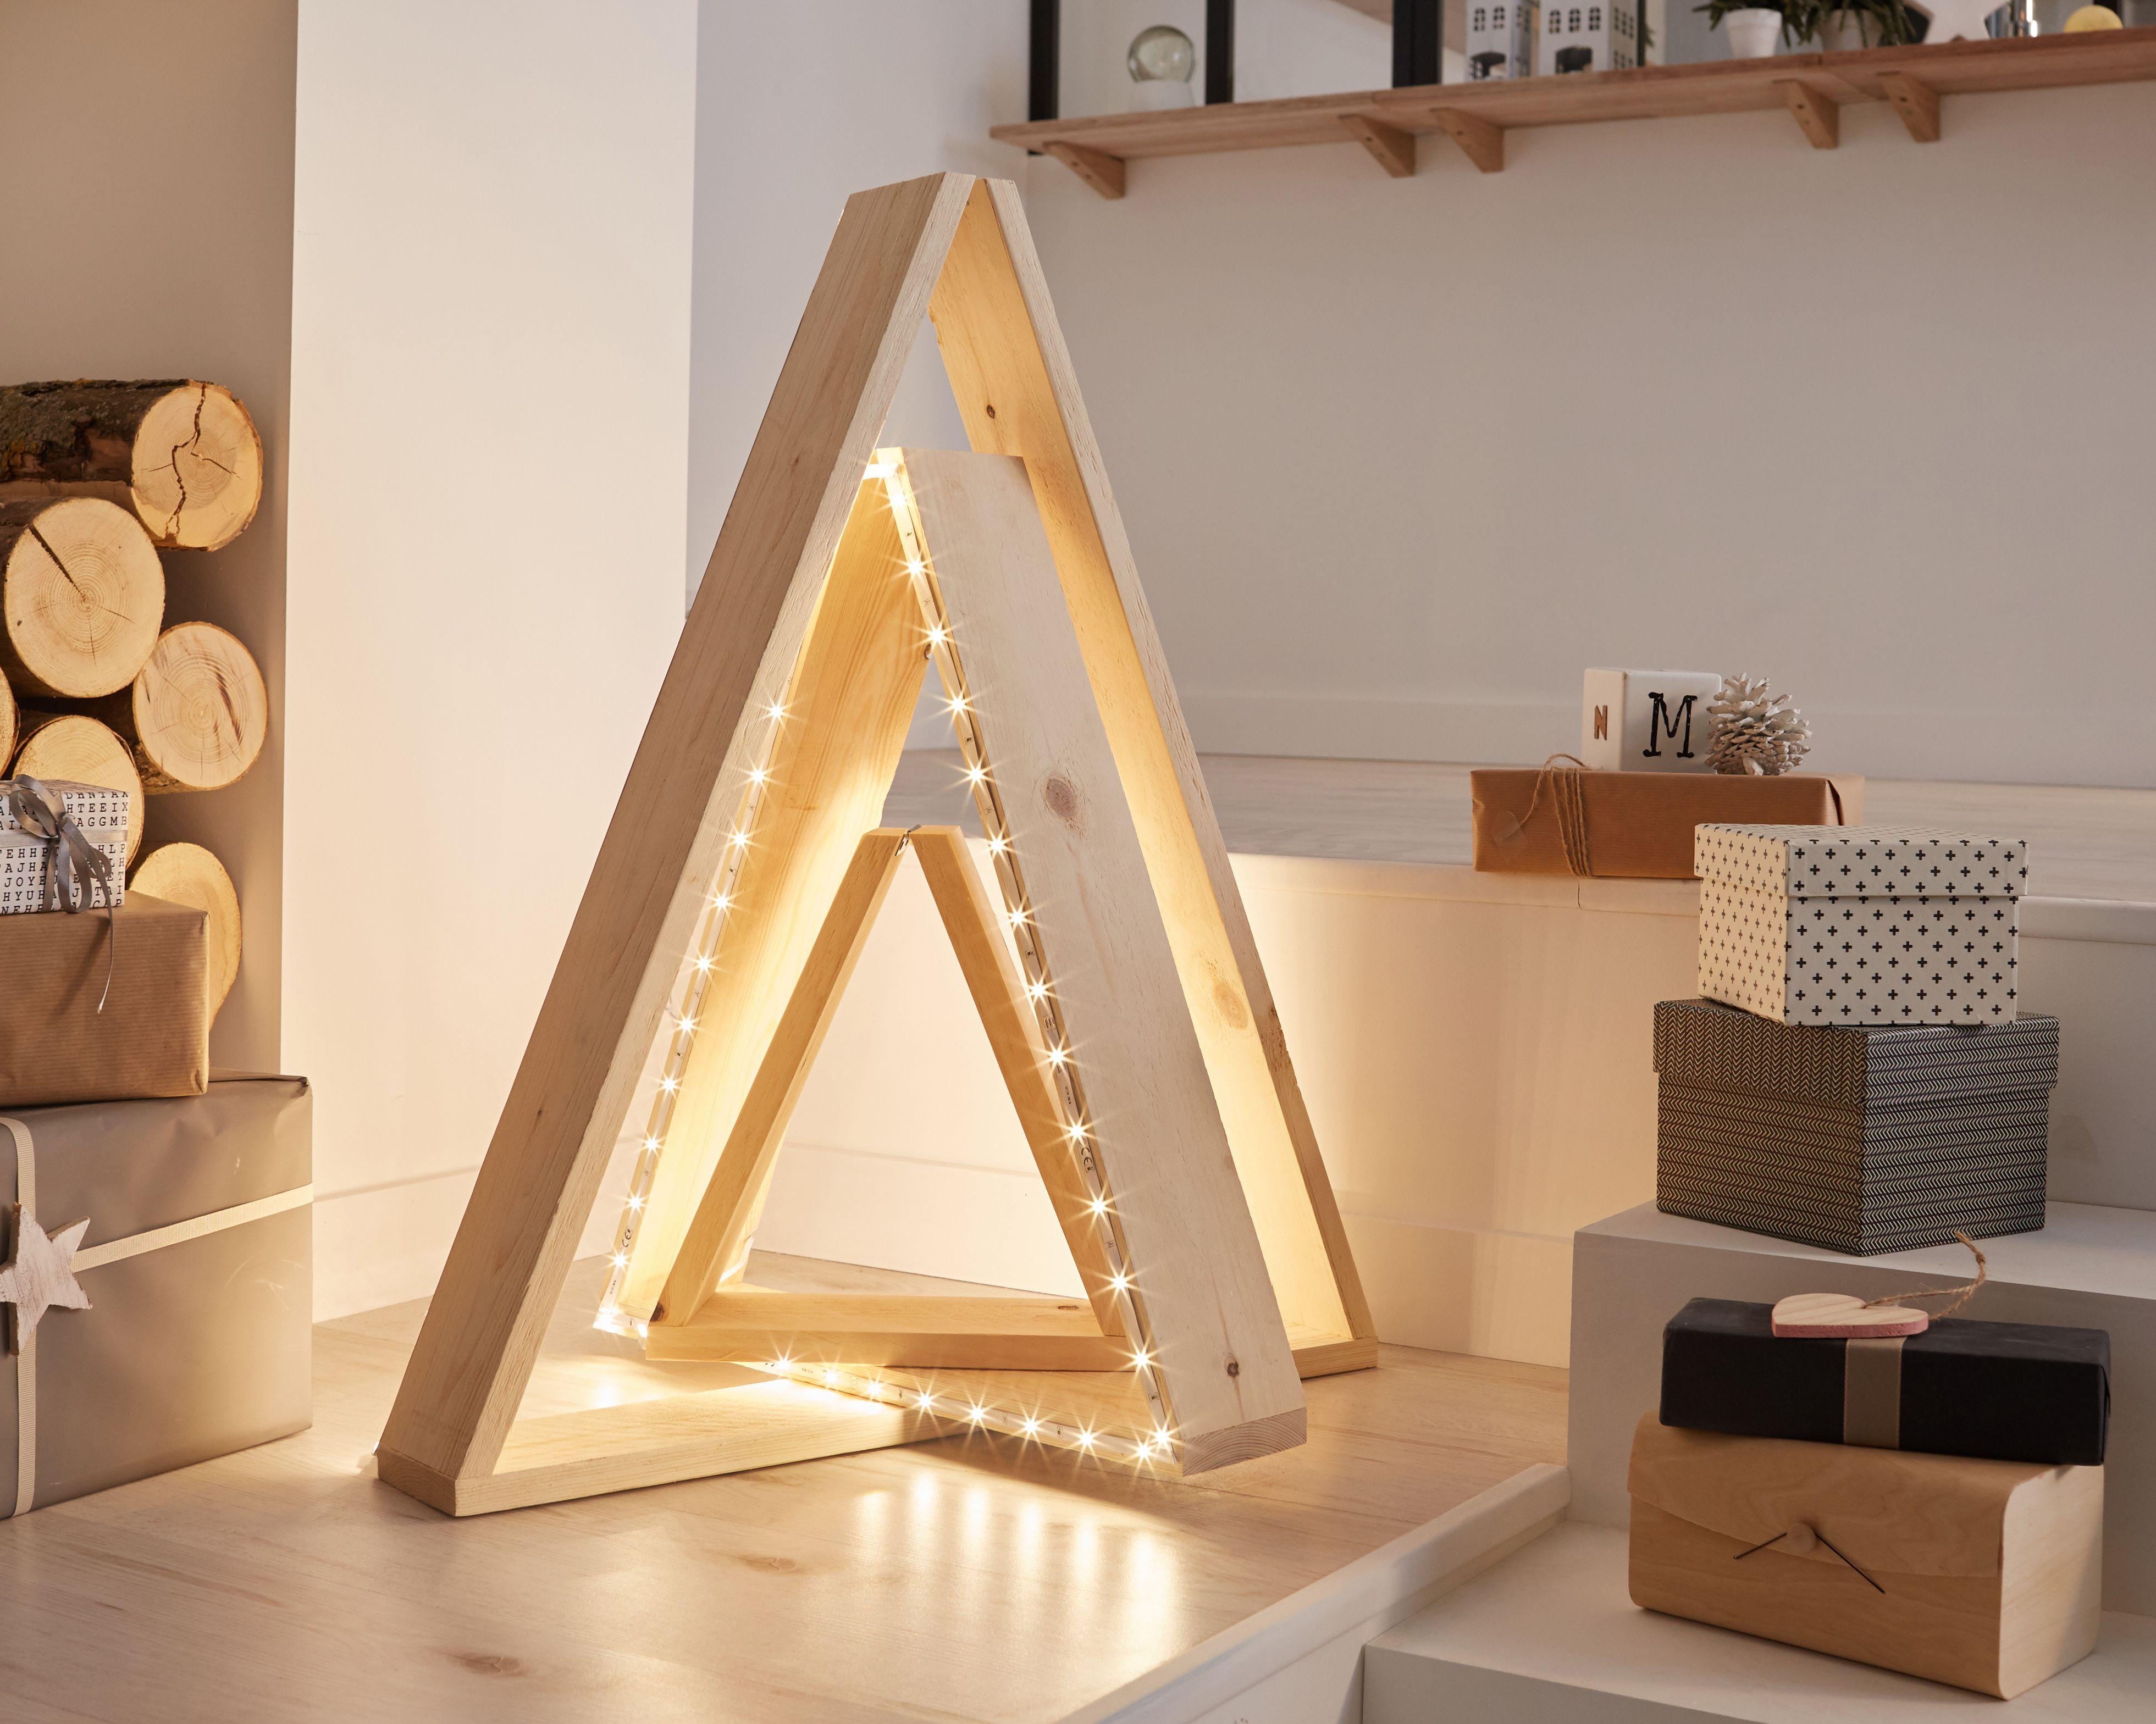 DIY : Réaliser un sapin lumineux #leroymerlin #diy #tuto #noel